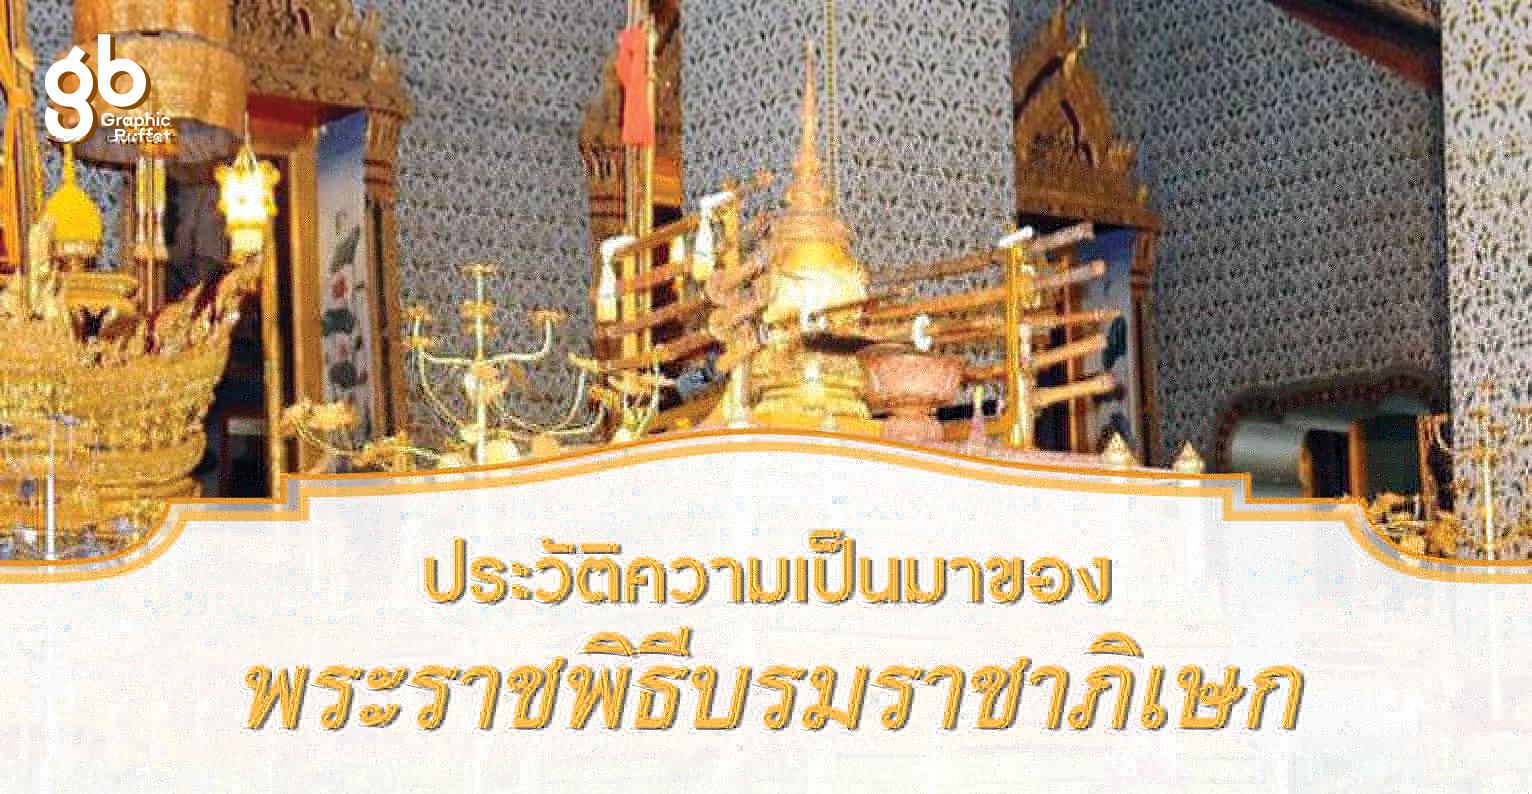 ประวัติความเป็นมาของพระราชพิธีบรมราชาภิเษก